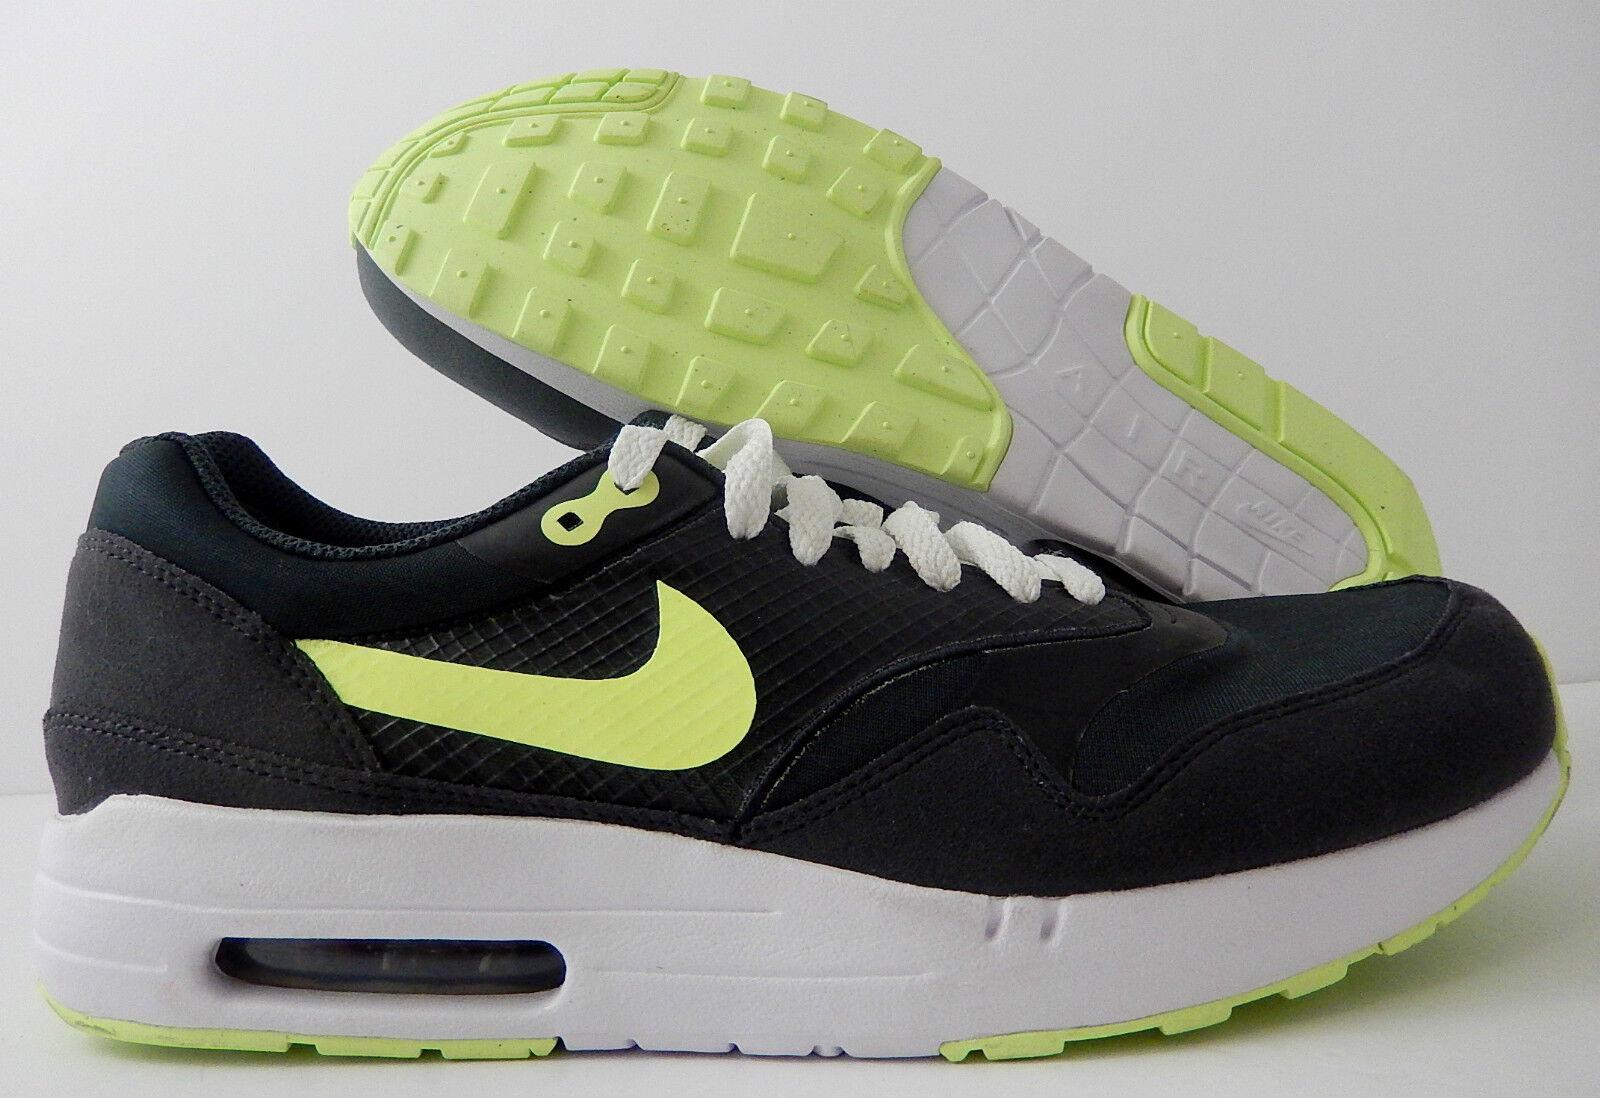 Nike Air Max 366488 1 black-pale Amarillo Limón [ 366488 Max 005 ] bcd861